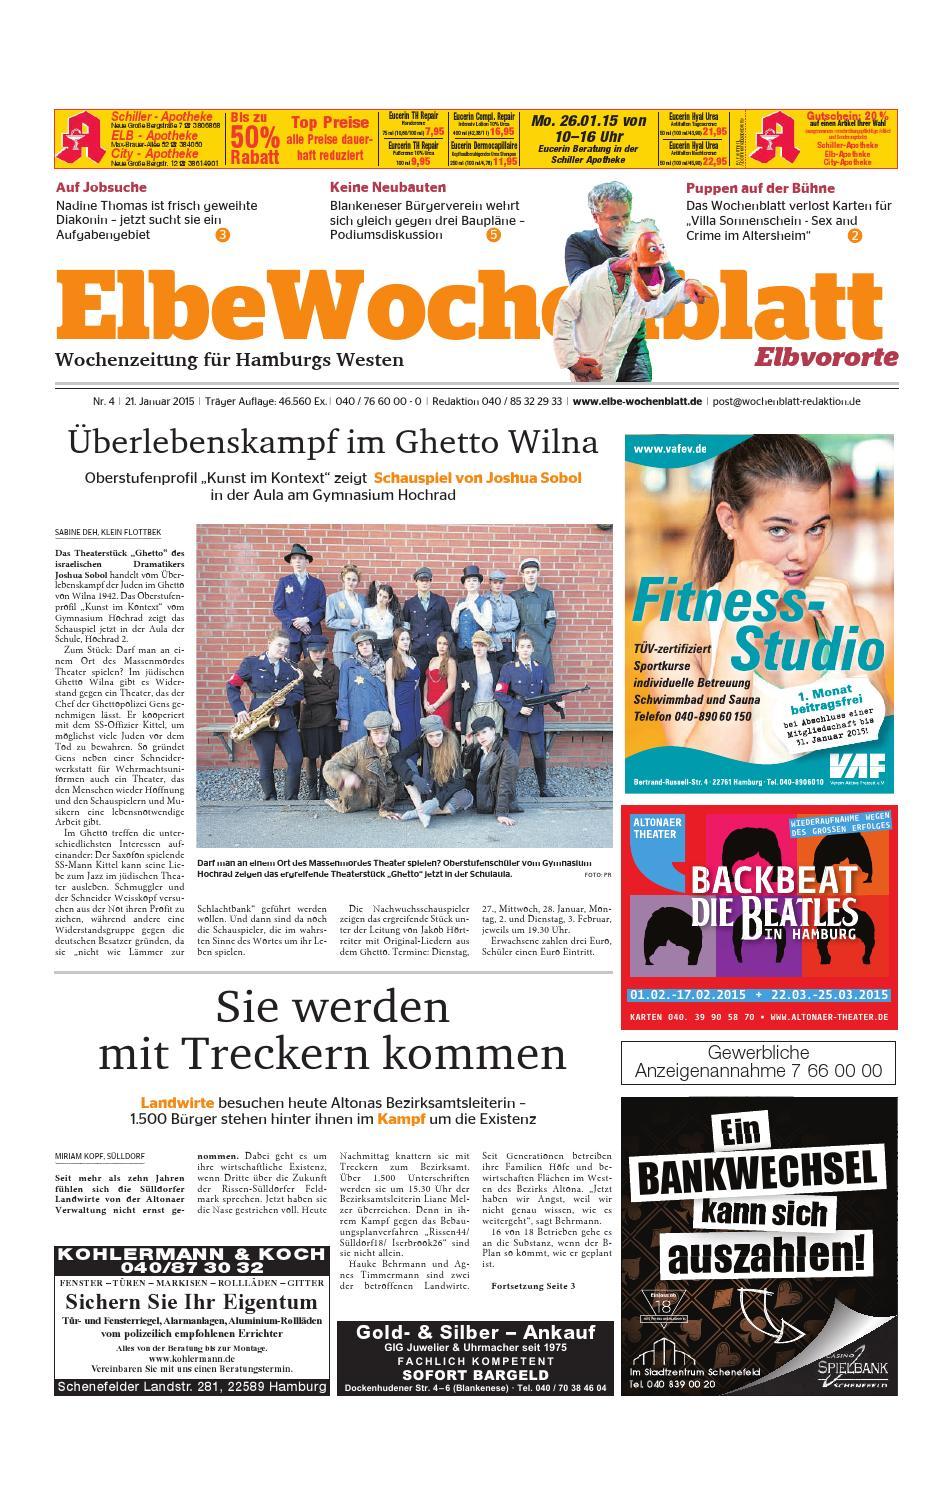 Die Guttenbergs: Ein Paar läuft sich warm Hamburger Abendblatt